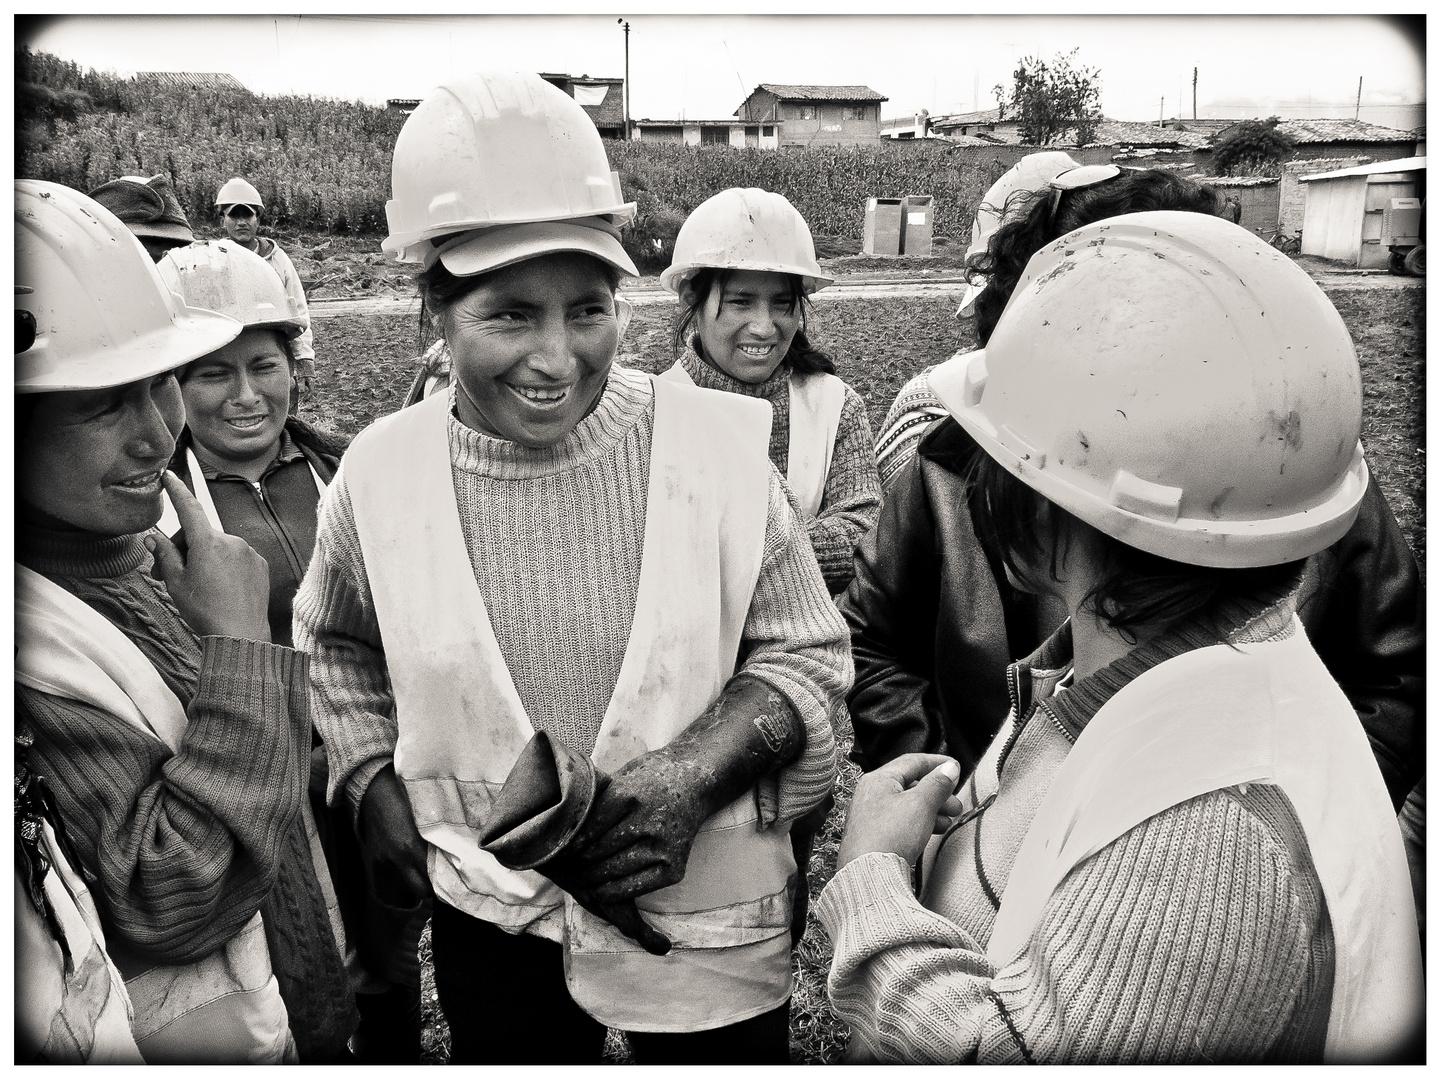 Die Bauarbeiterinnen Von Jauja 3 Foto Bild South America Peru